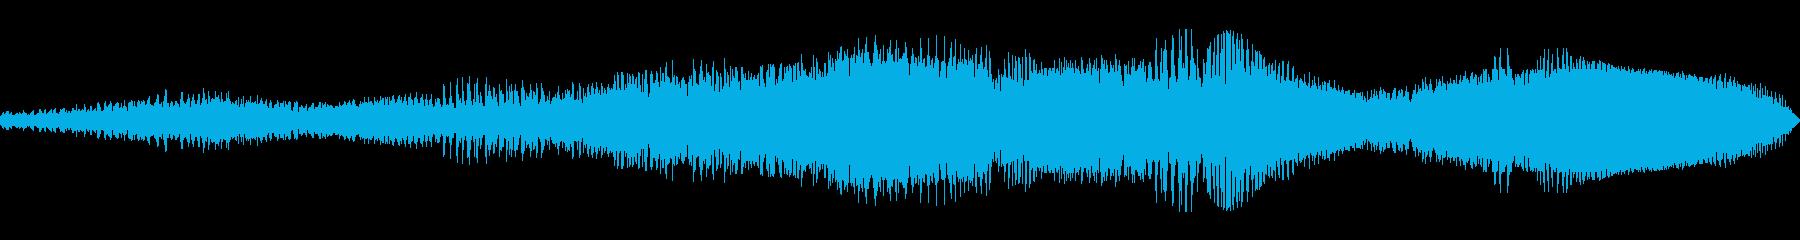 スペースベルズ、ショートウェーブベ...の再生済みの波形